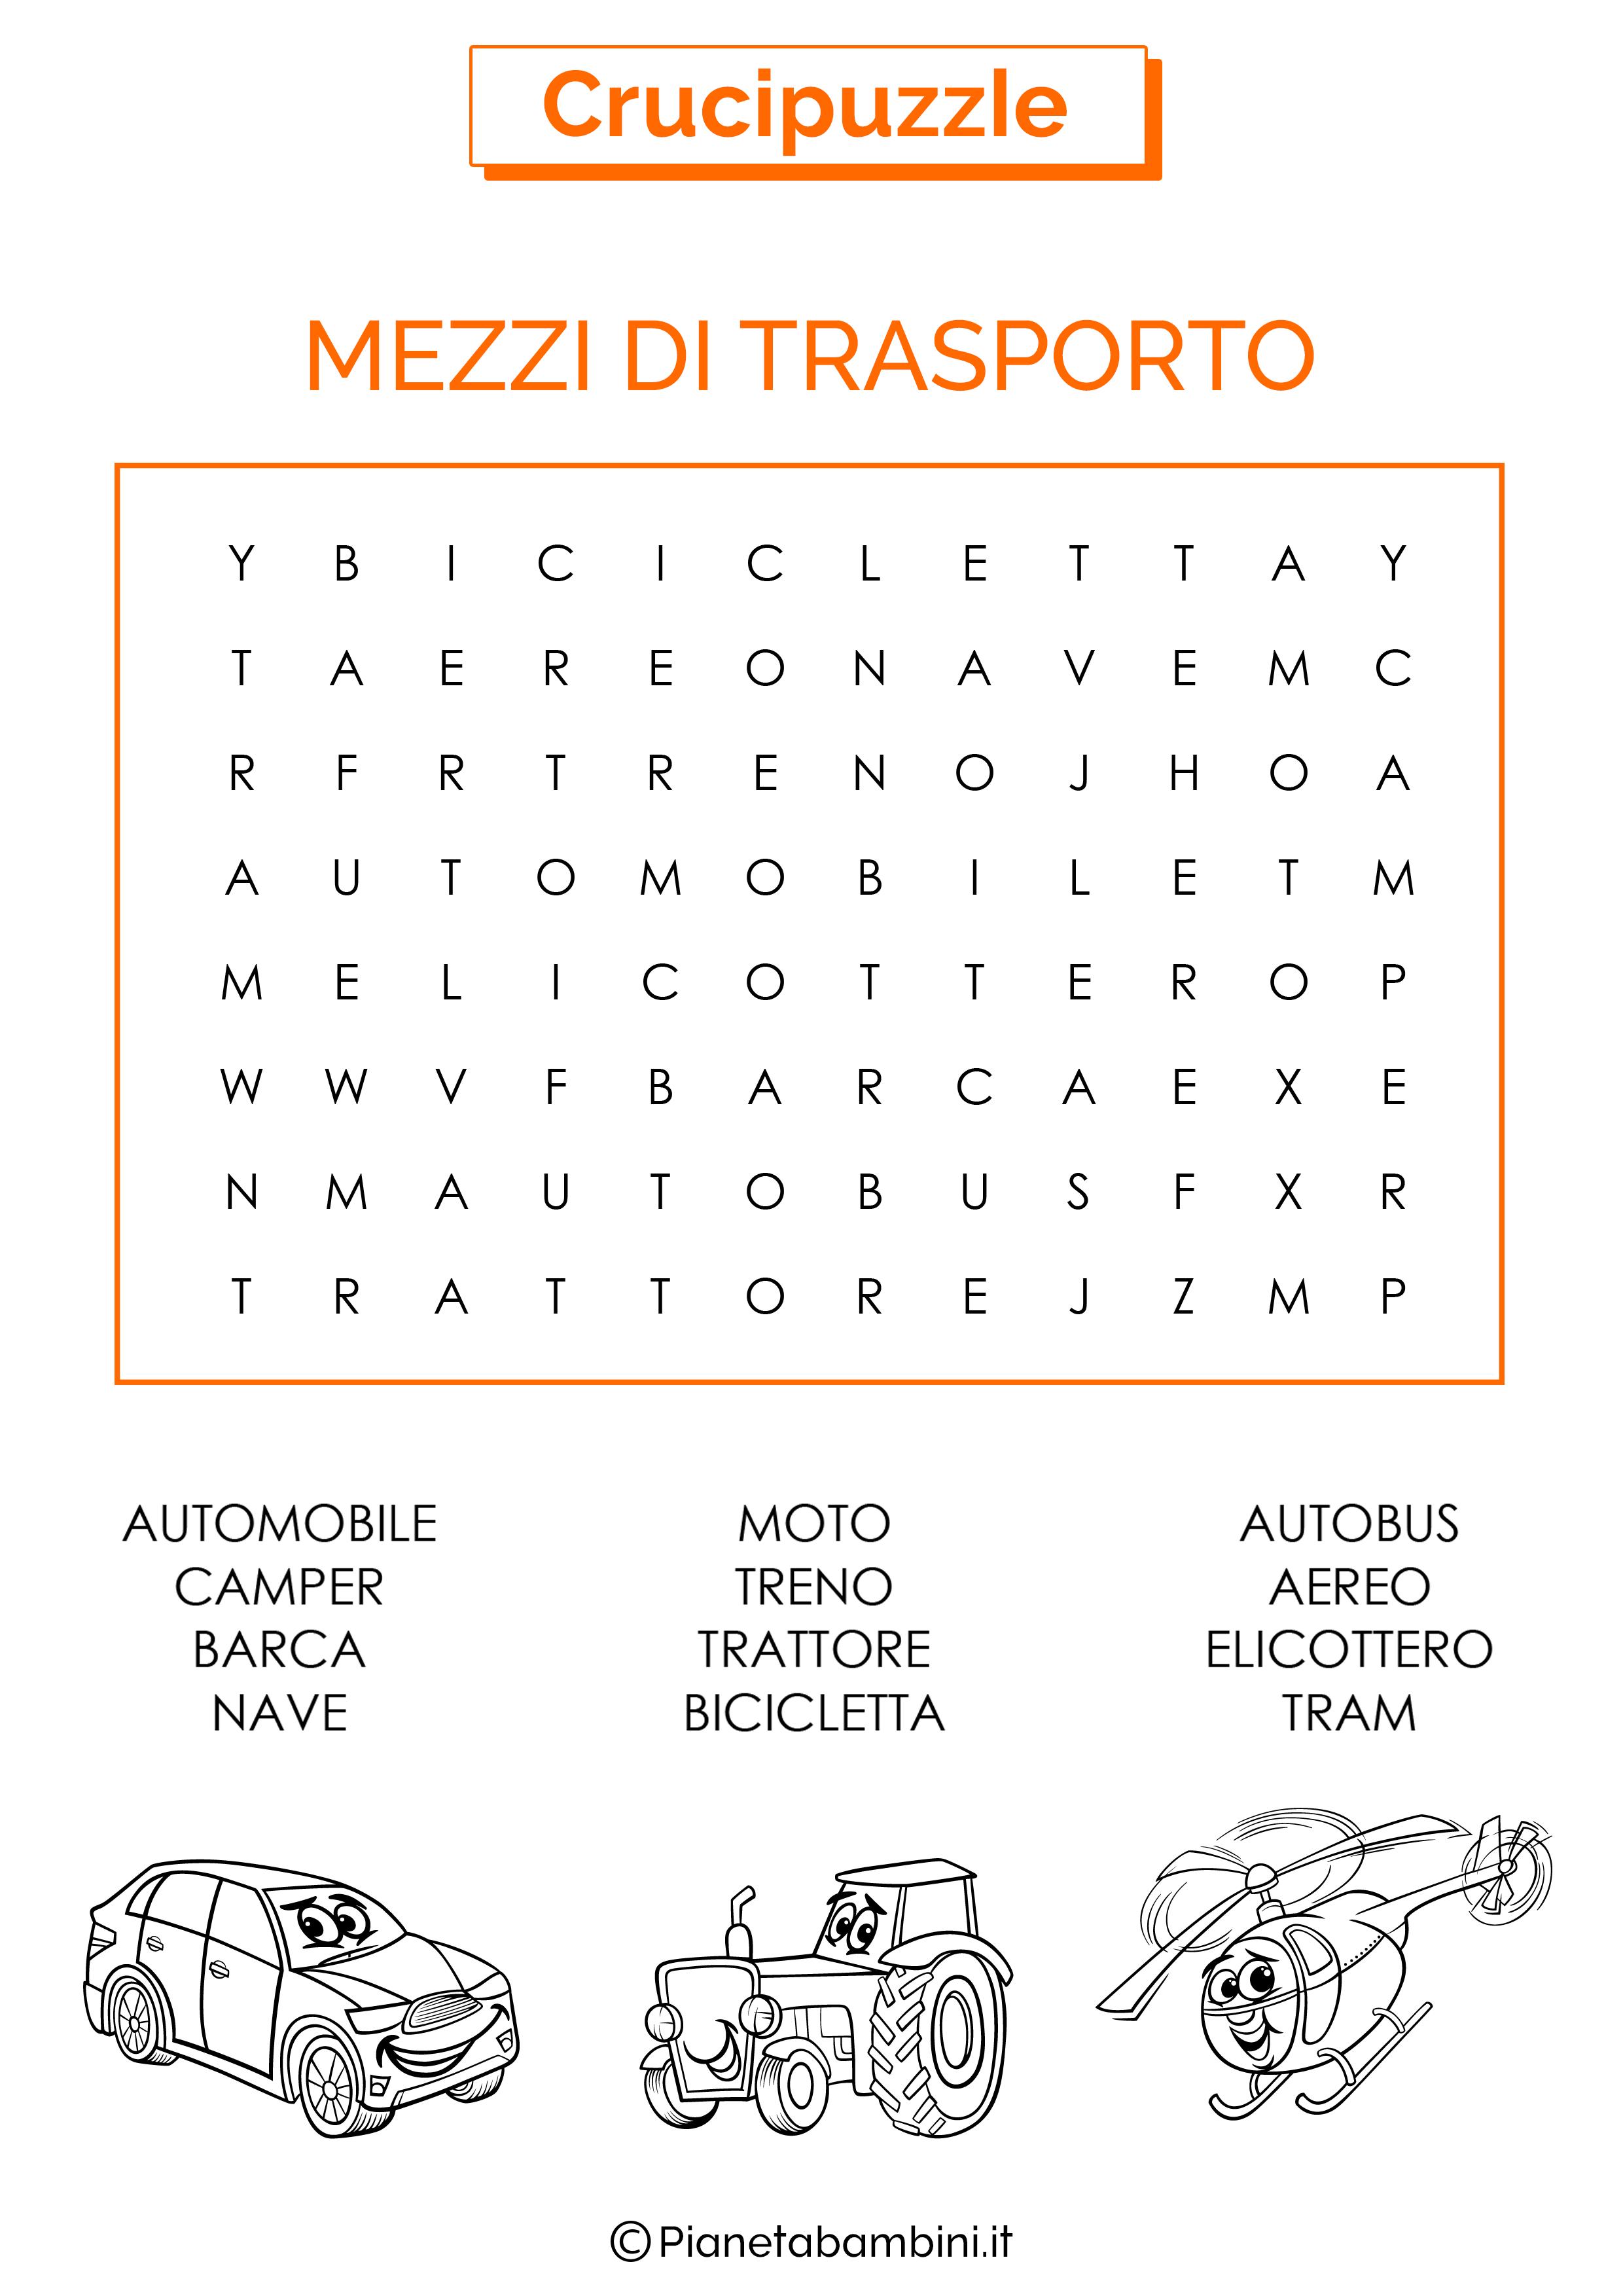 Crucipuzzle facile sui mezzi di trasporto